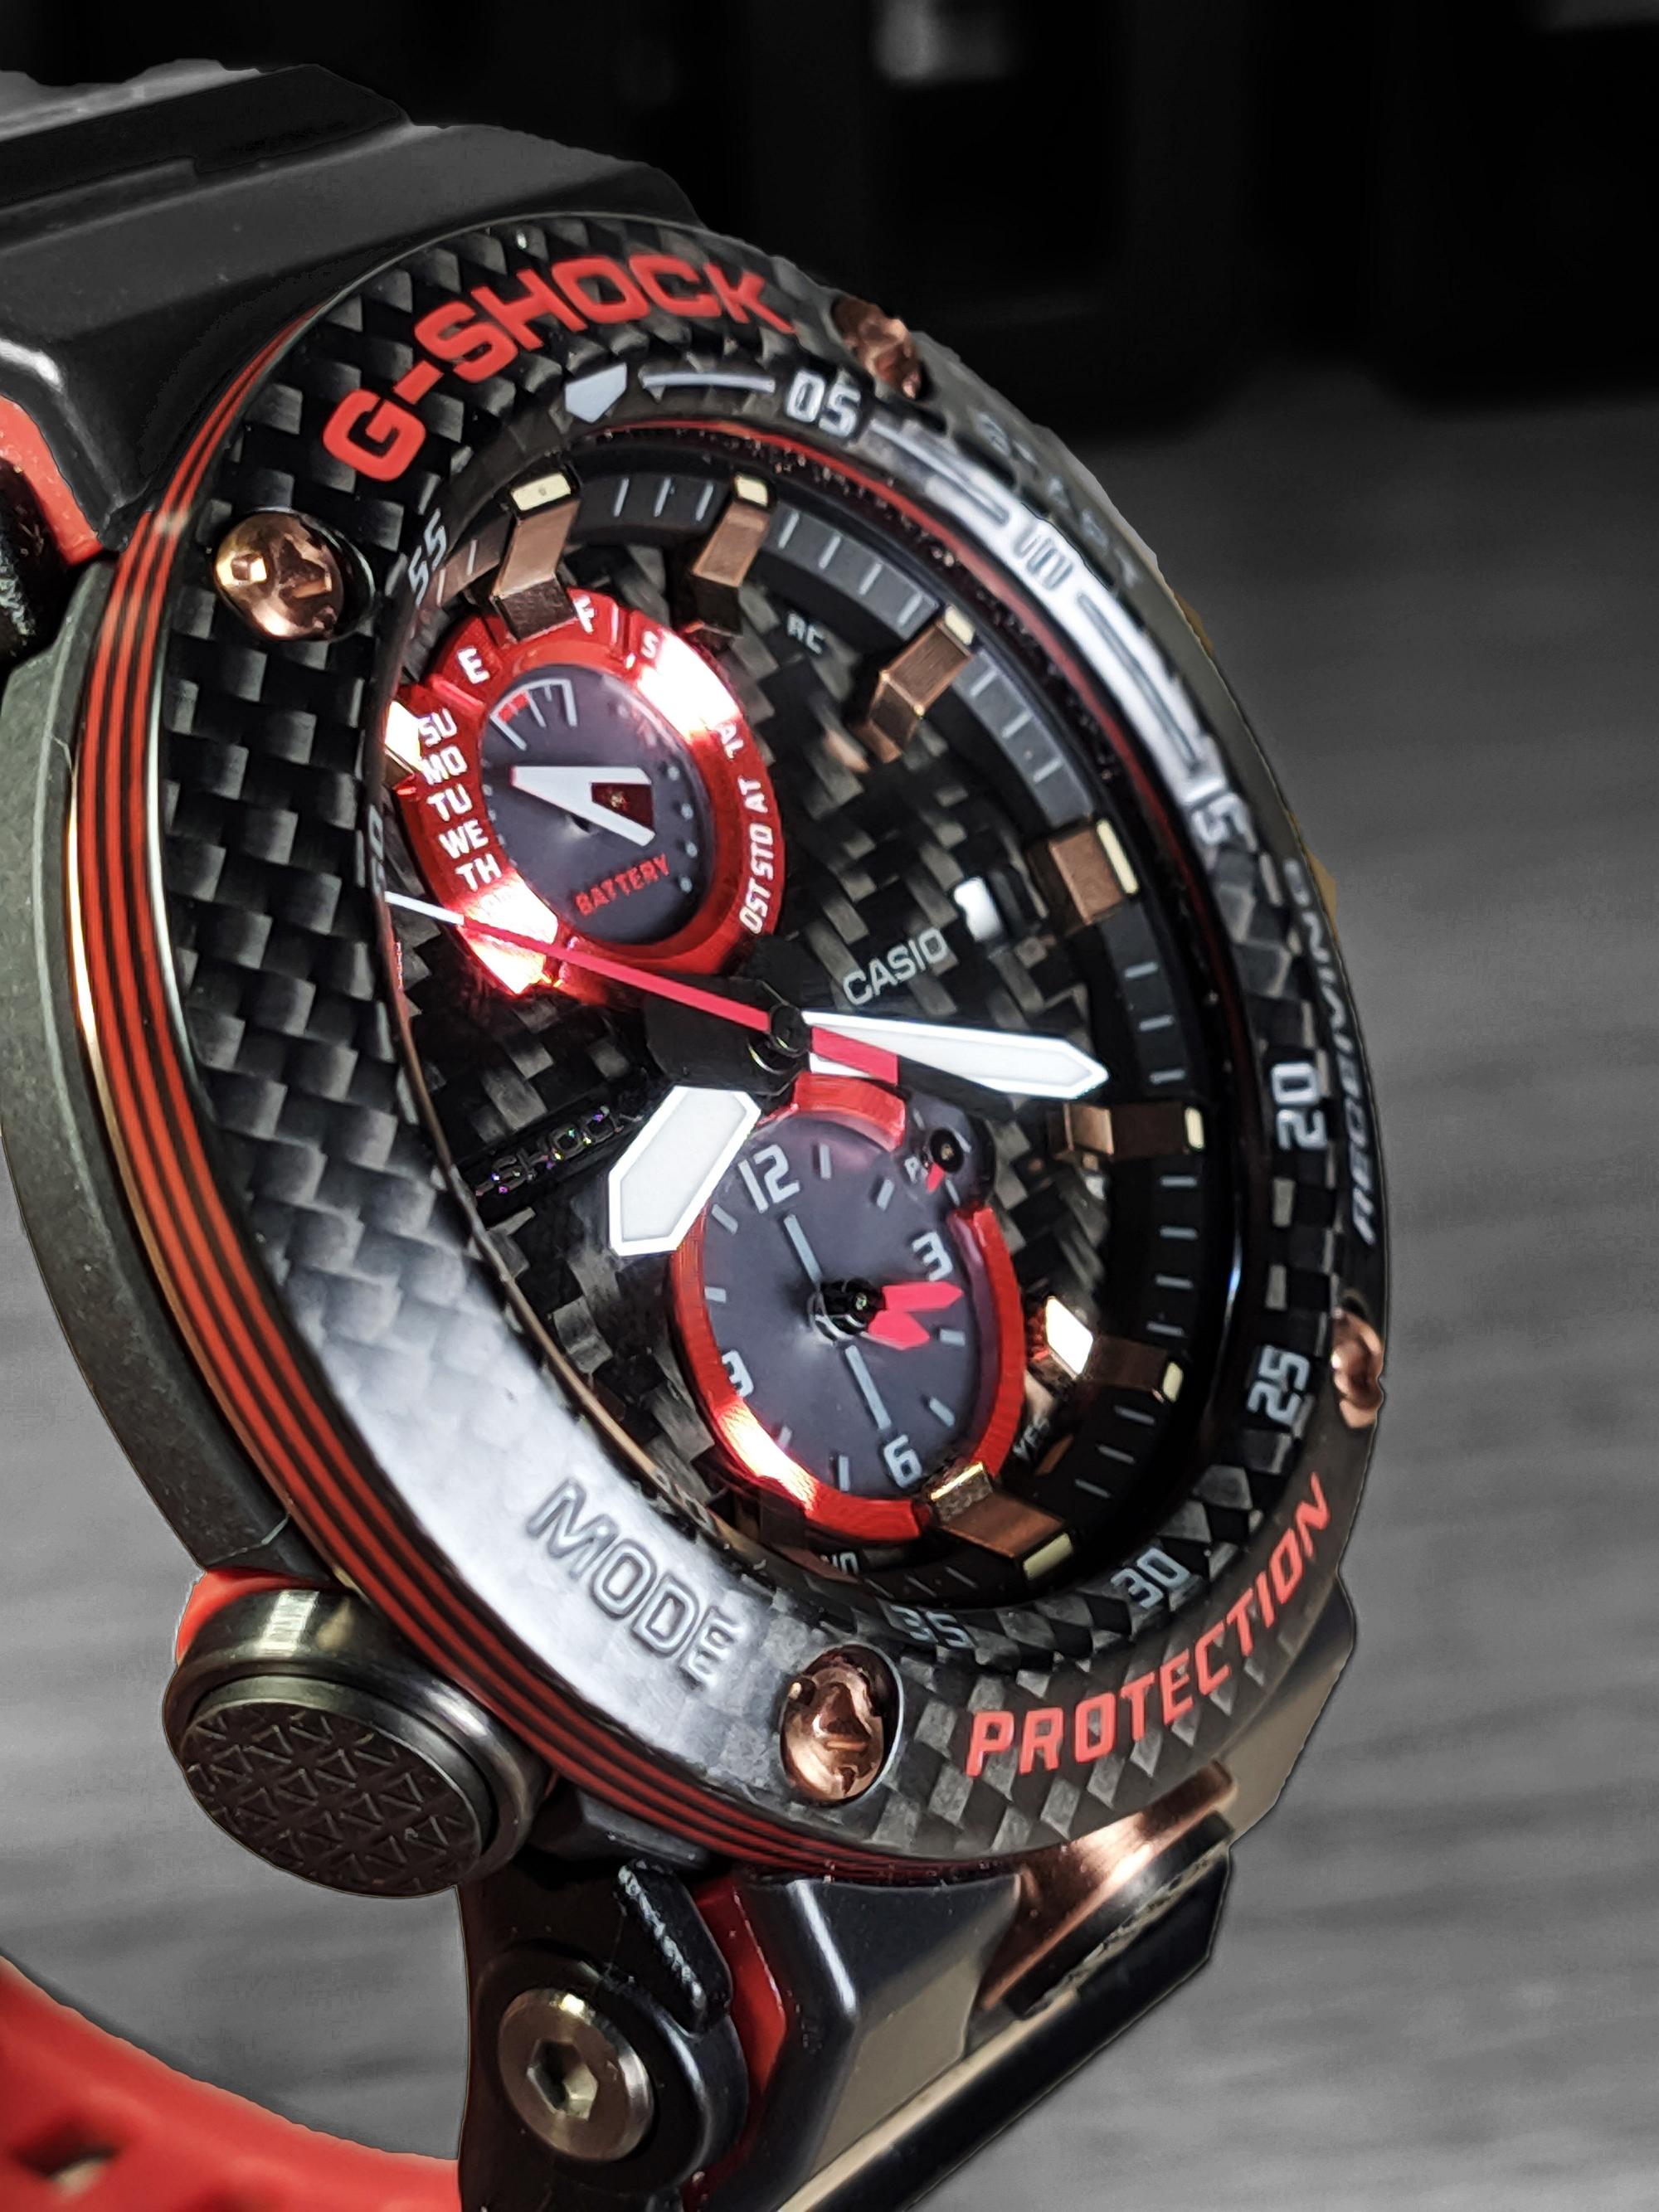 casio-g-shock-gravitymaster-grw-b1000x-09.jpg